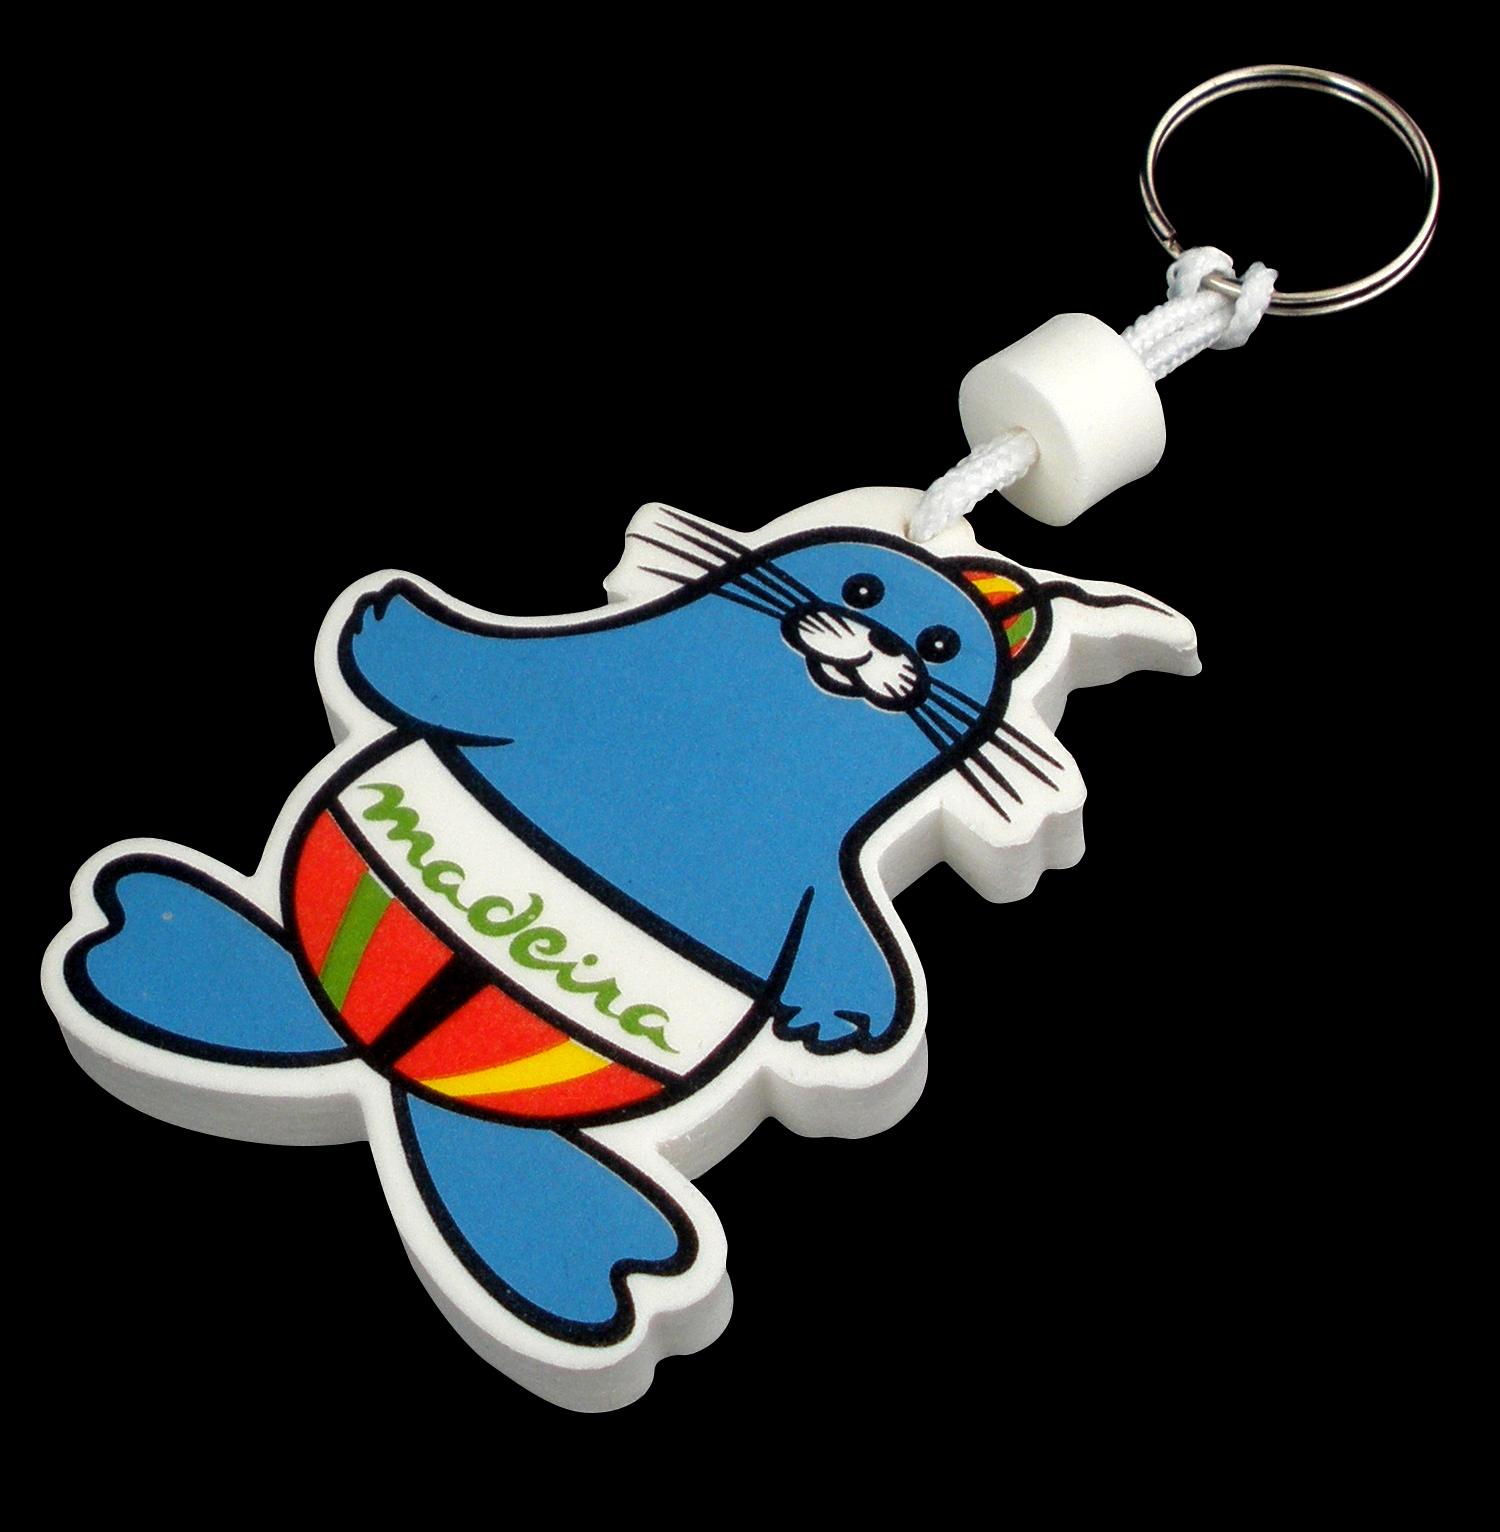 Porta-chaves monocolor Image